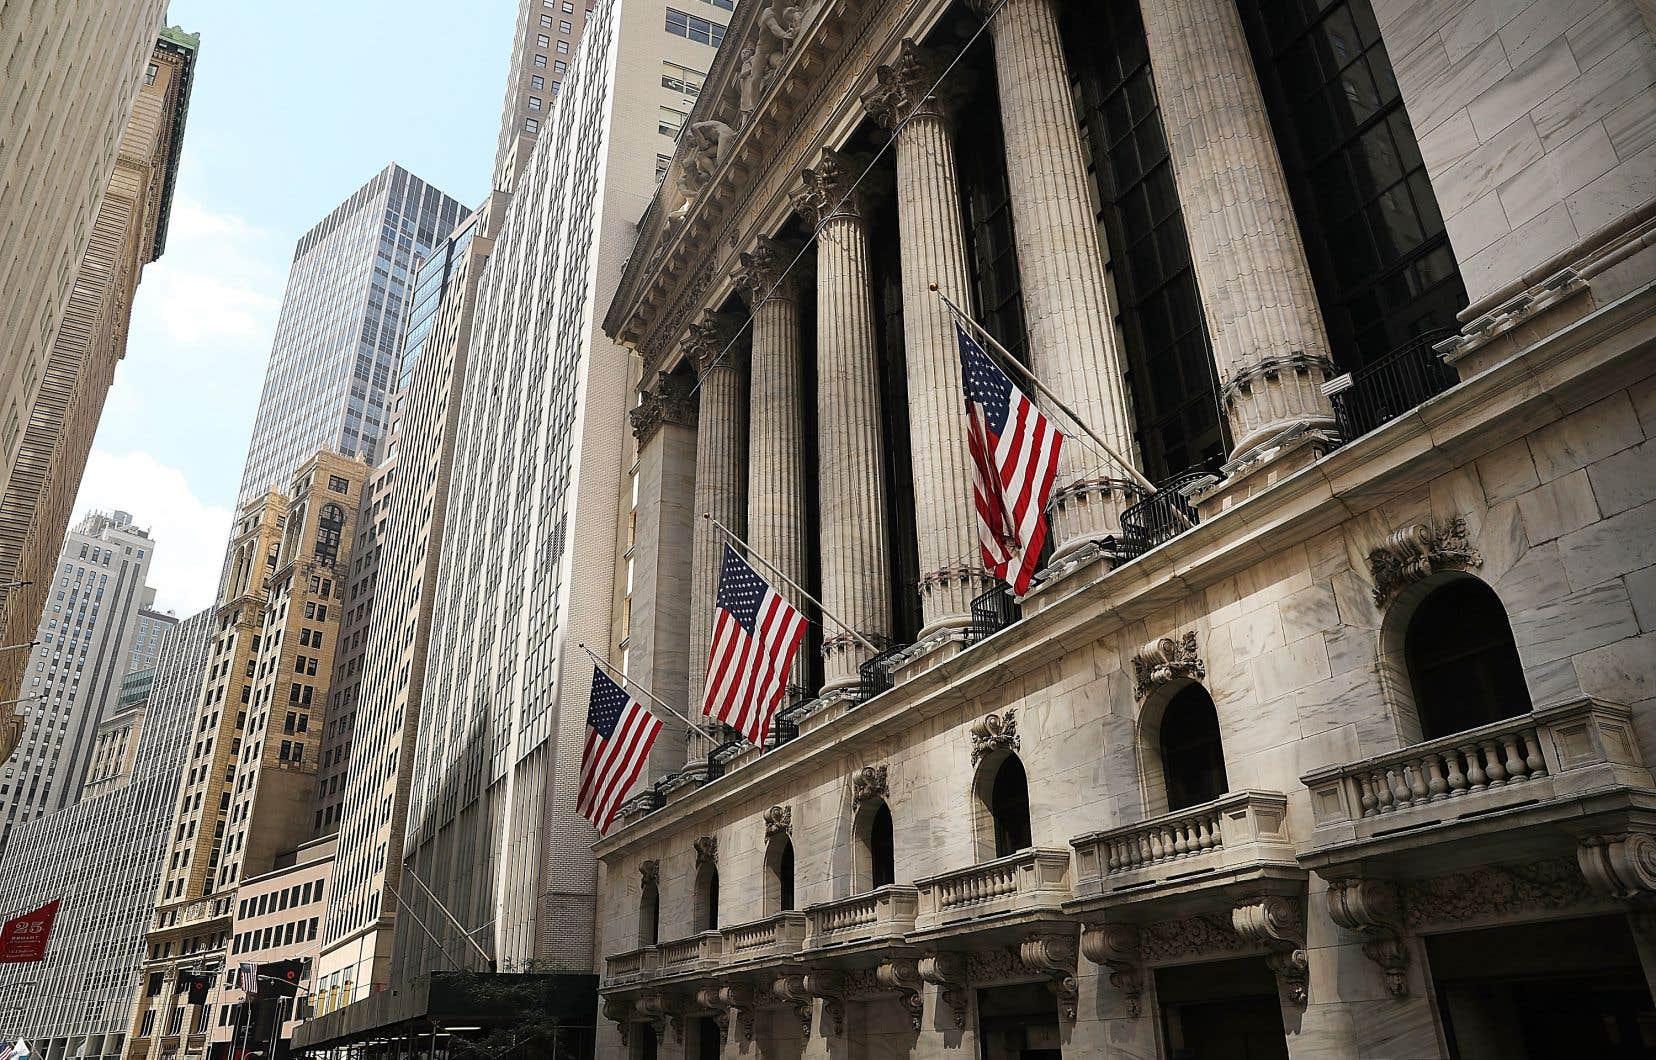 Le bâtiment de la Bourse de New York. La future génération de dirigeants d'entreprise semble se laisser gagner par les idées de changement.